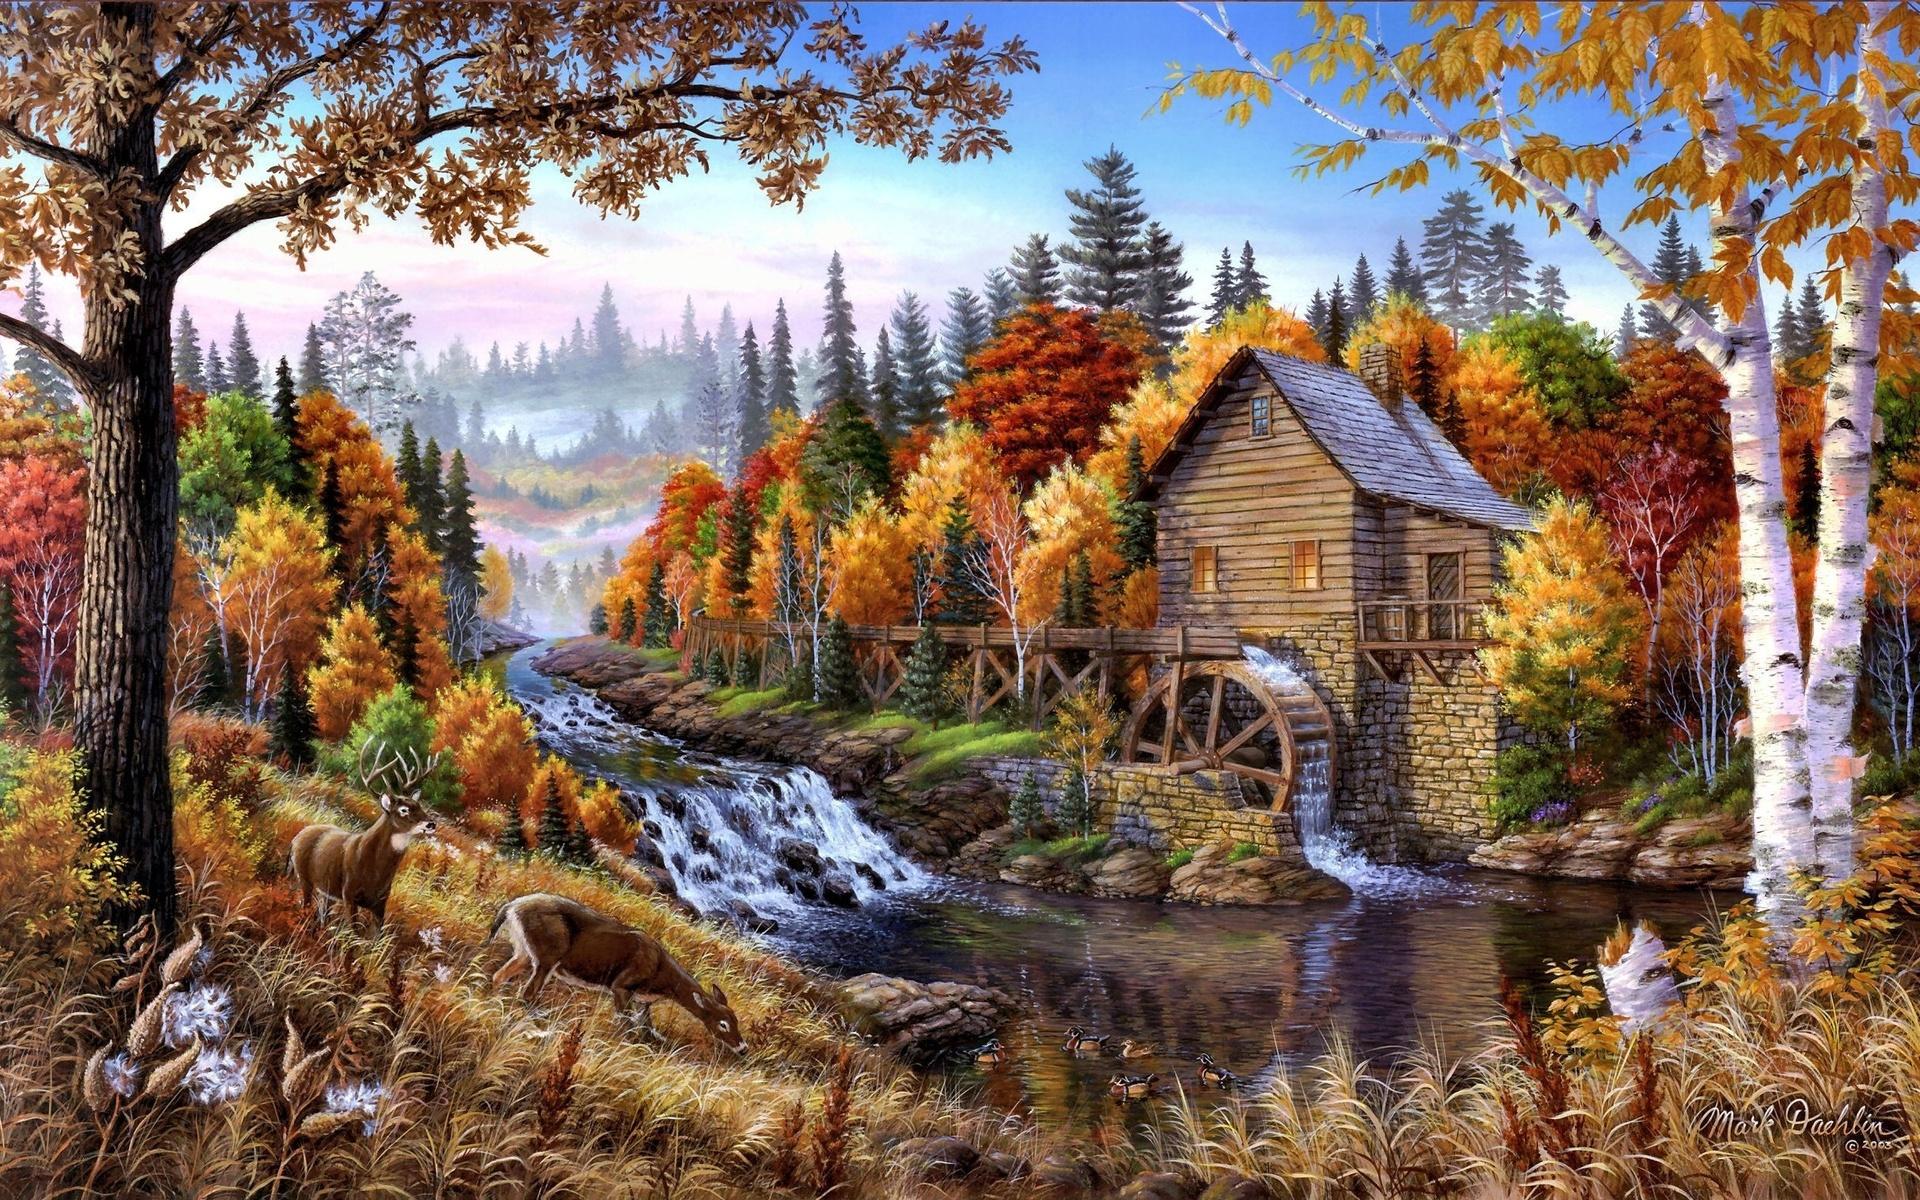 Картинки для открытки с пейзажем